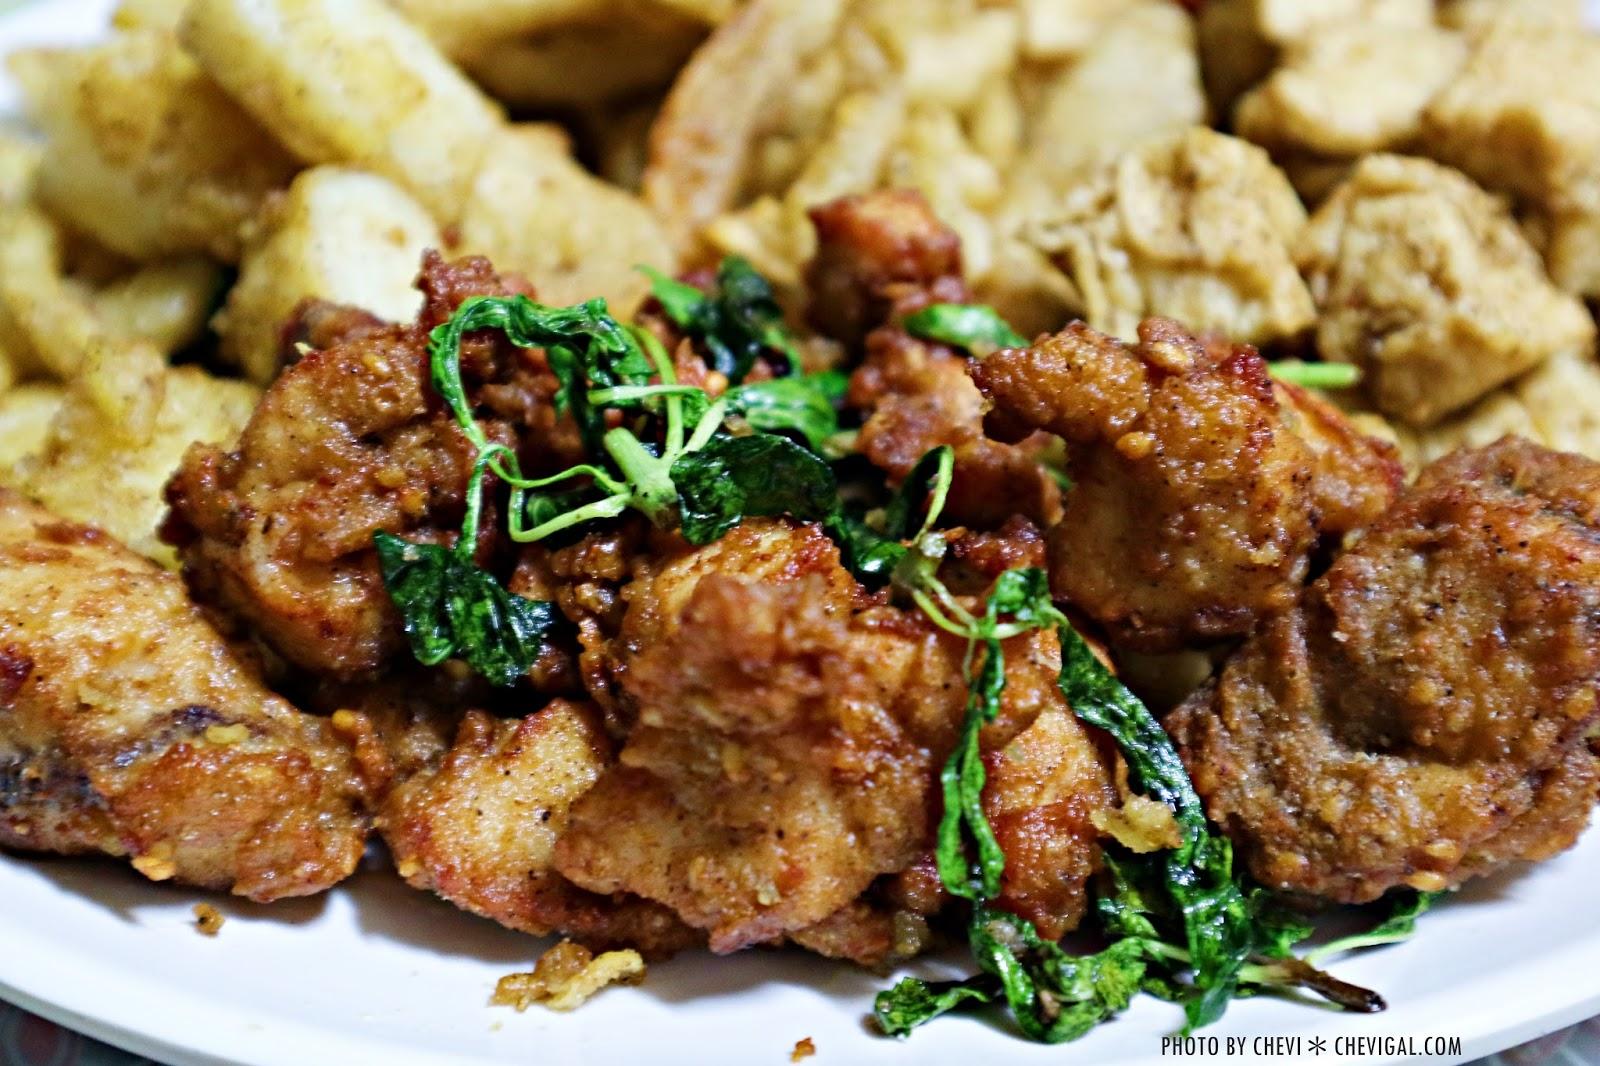 IMG 0540 - 台中烏日│香香鹽酥雞。飄香二十年的好滋味。一週只開四天別撲空囉